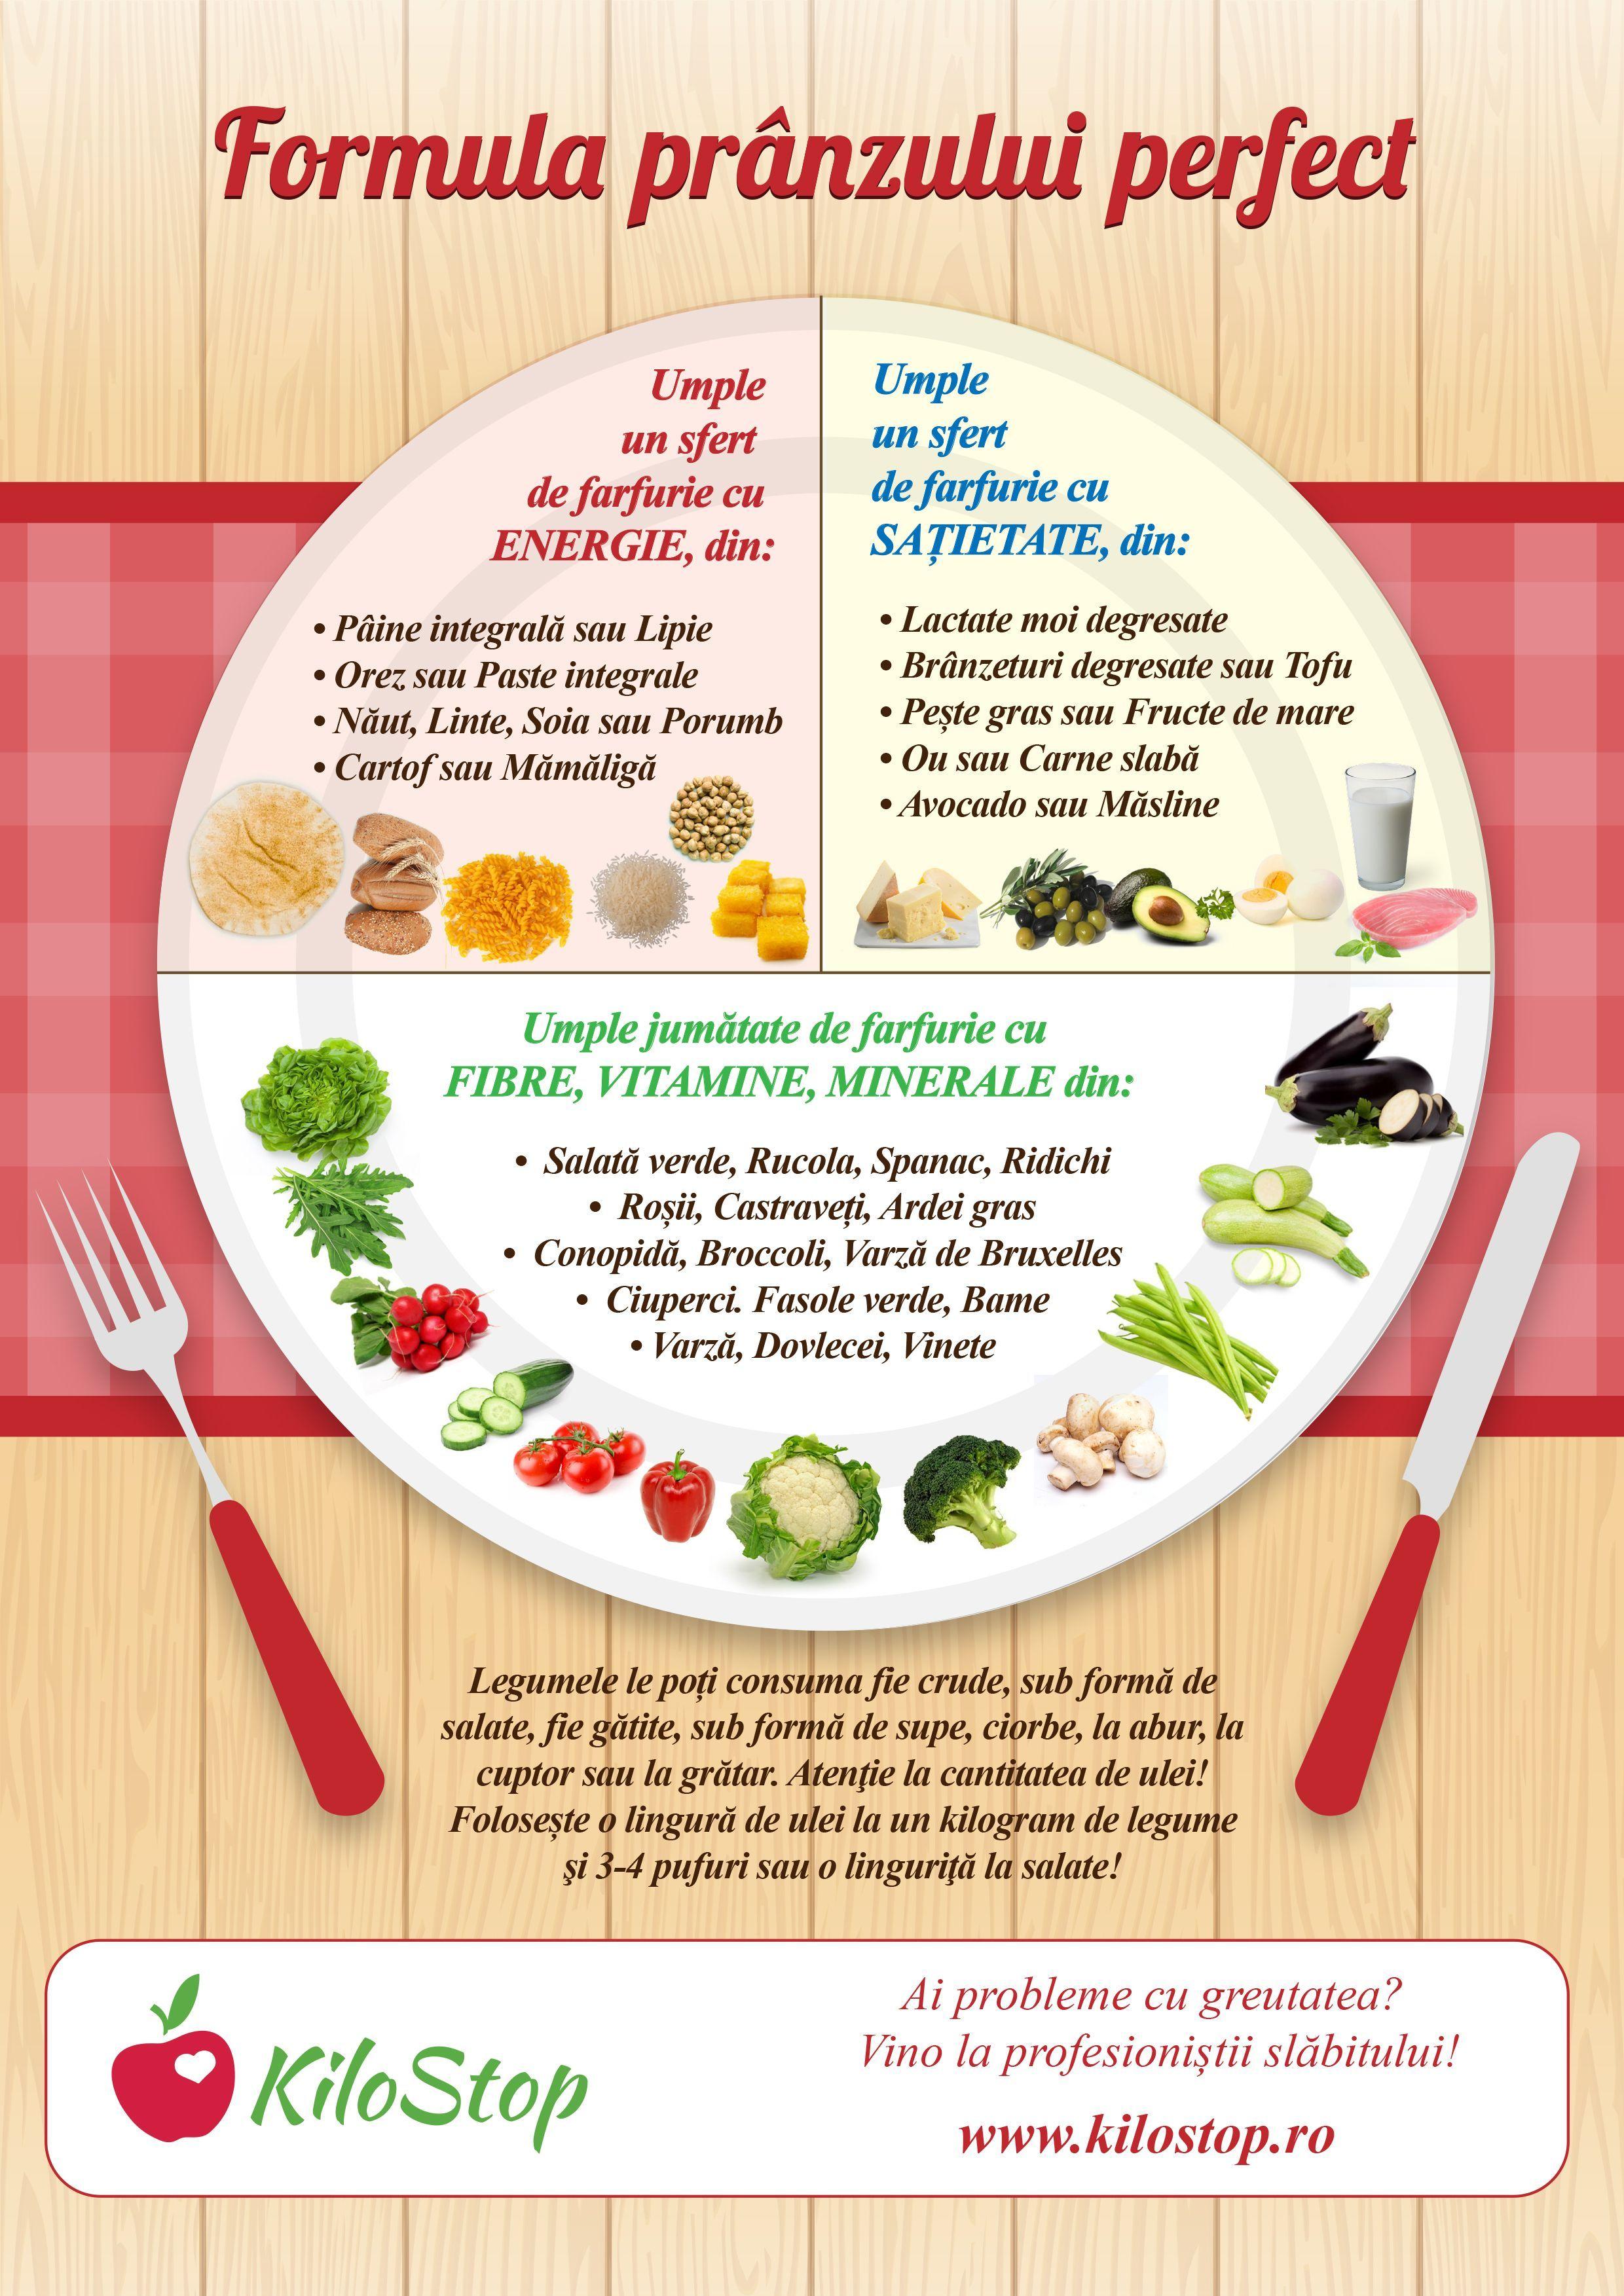 pierderi sănătoase de pierdere în greutate mese